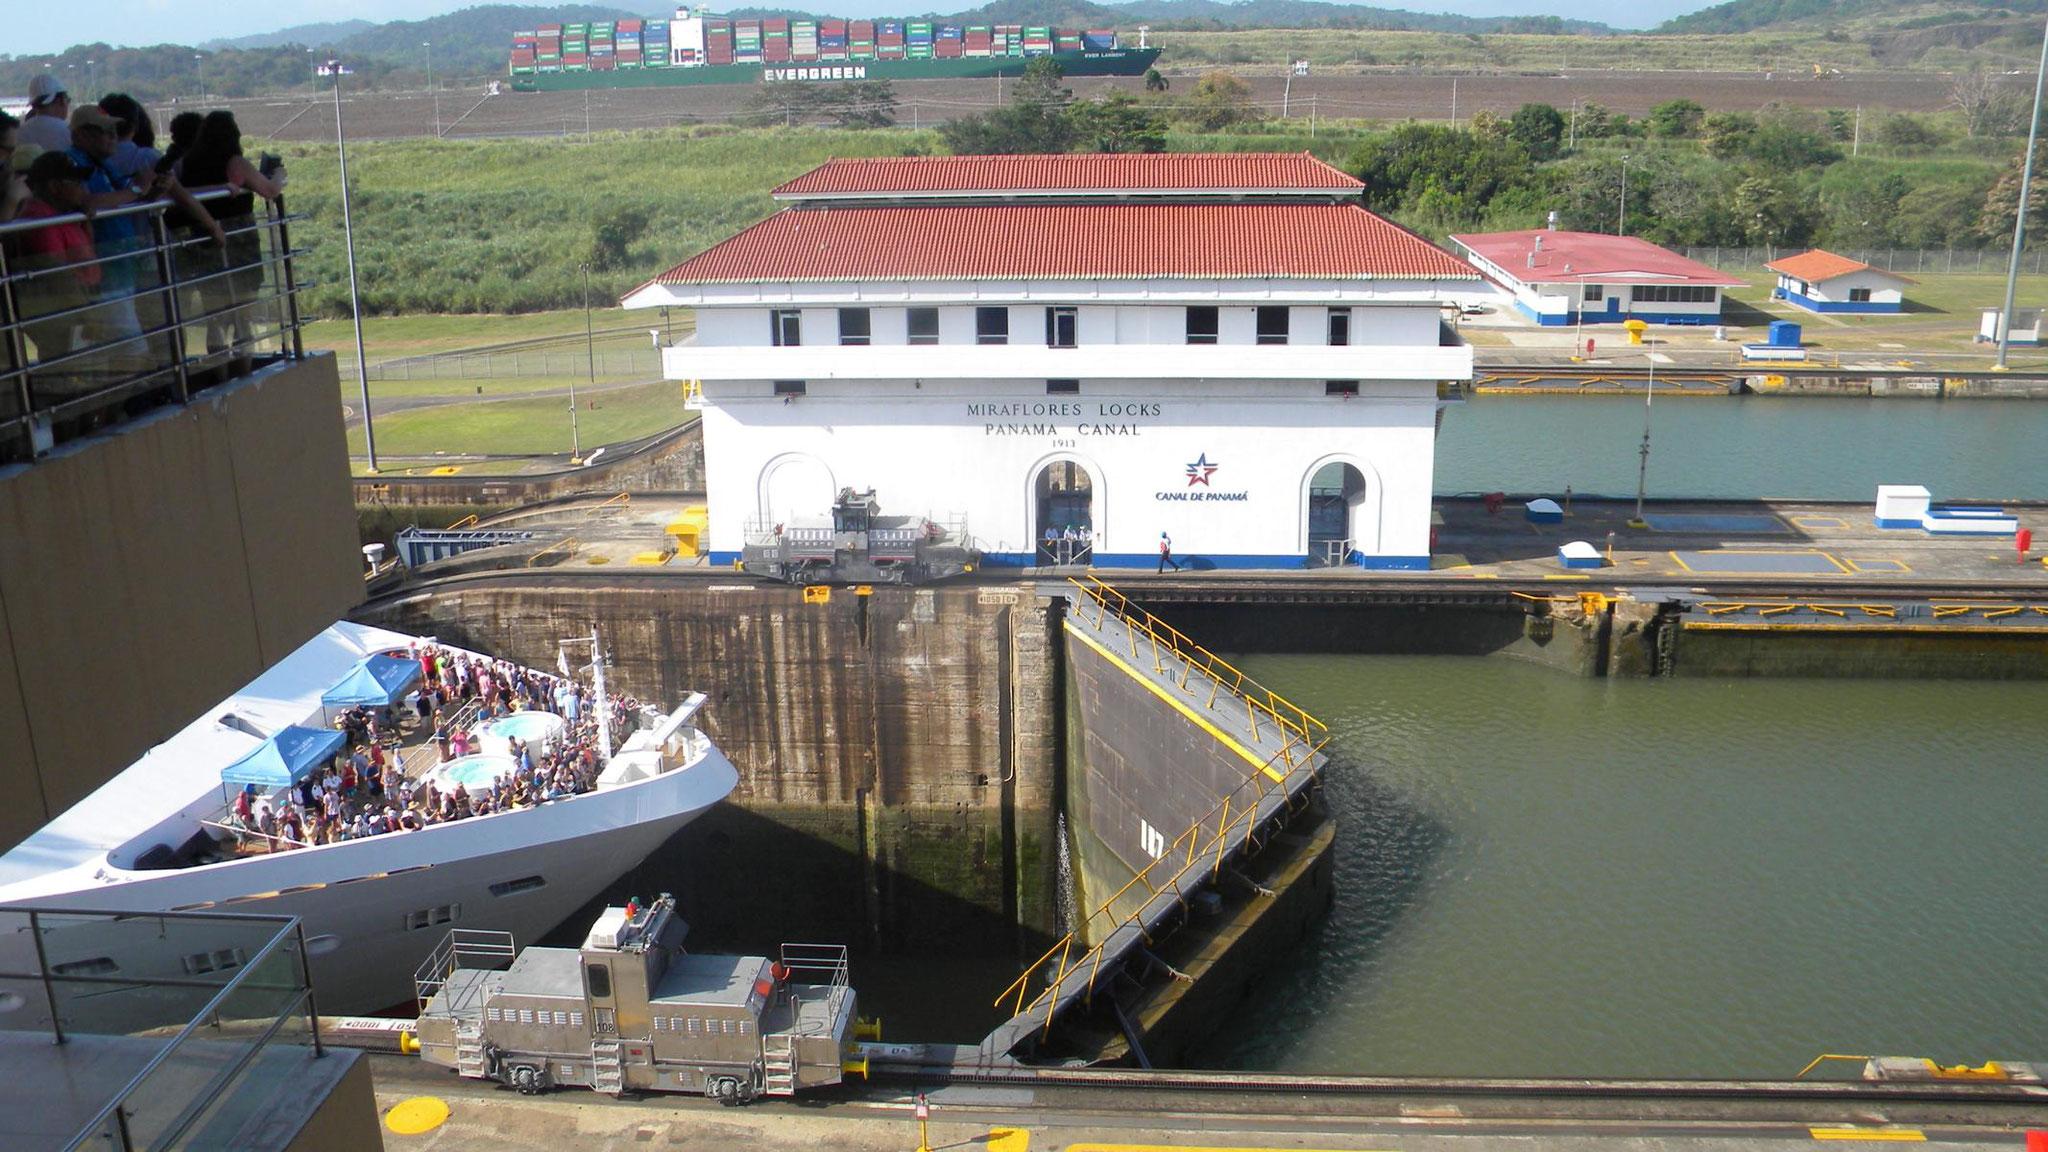 ein großes Containerschiff passiert im Hintergrund die größere neue Schleuse